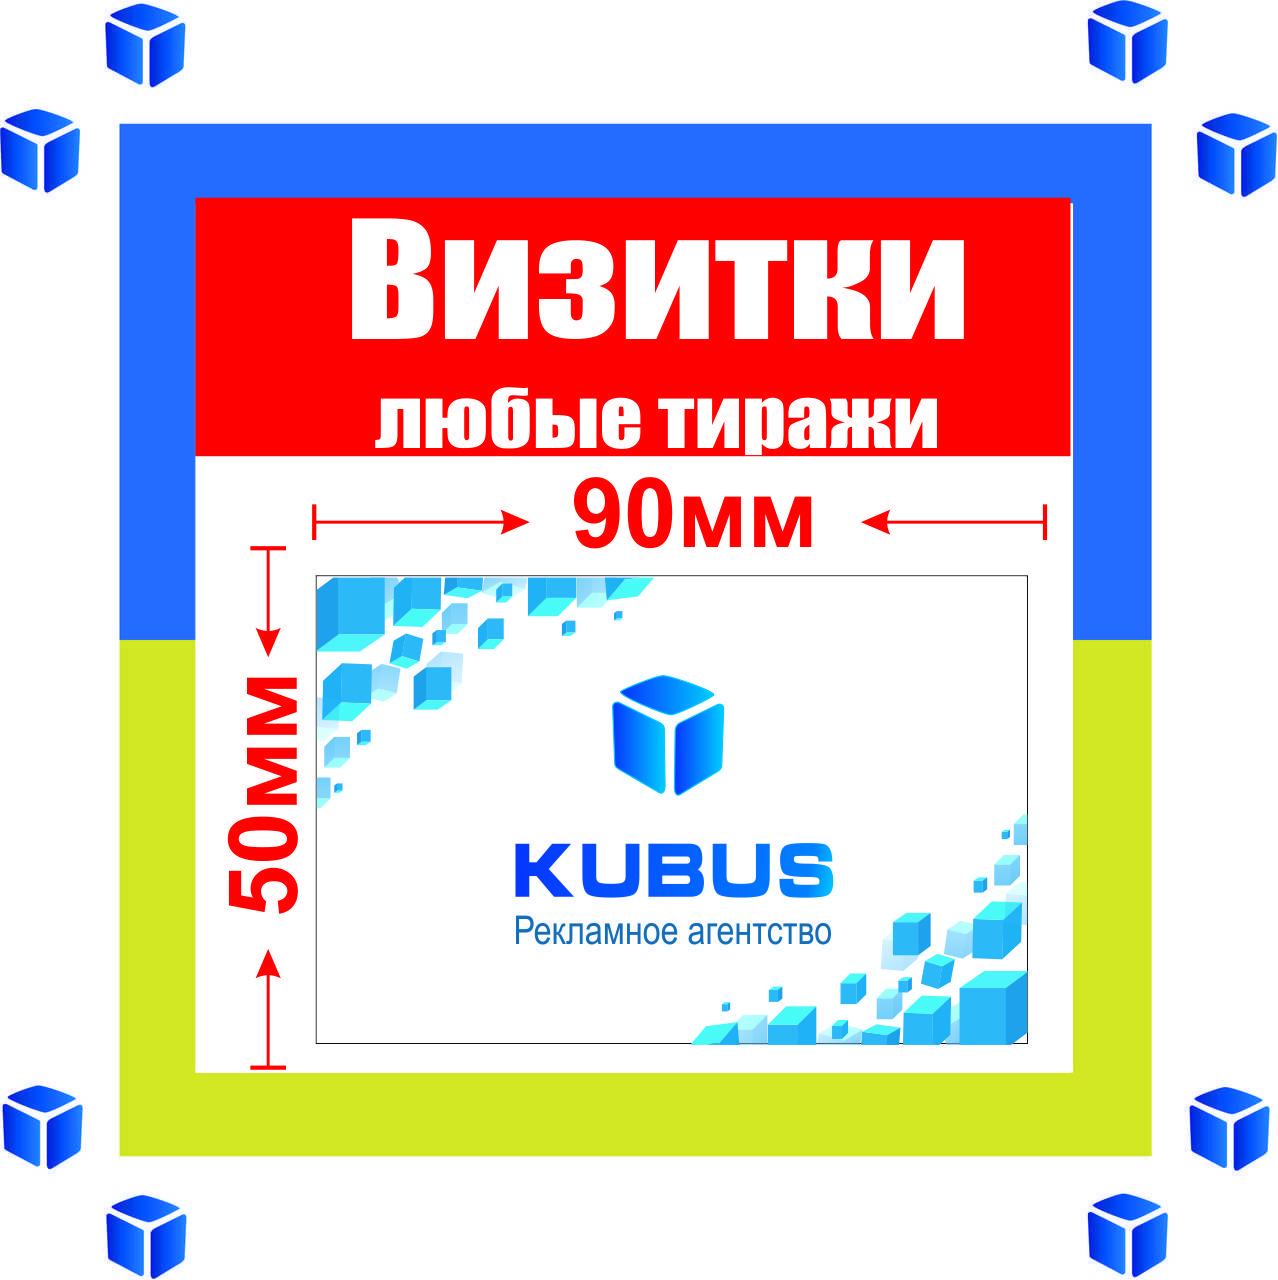 Визитки цветные двухсторонние 5000 шт(любые тиражи, матовая  ламинация/ 3 дня)